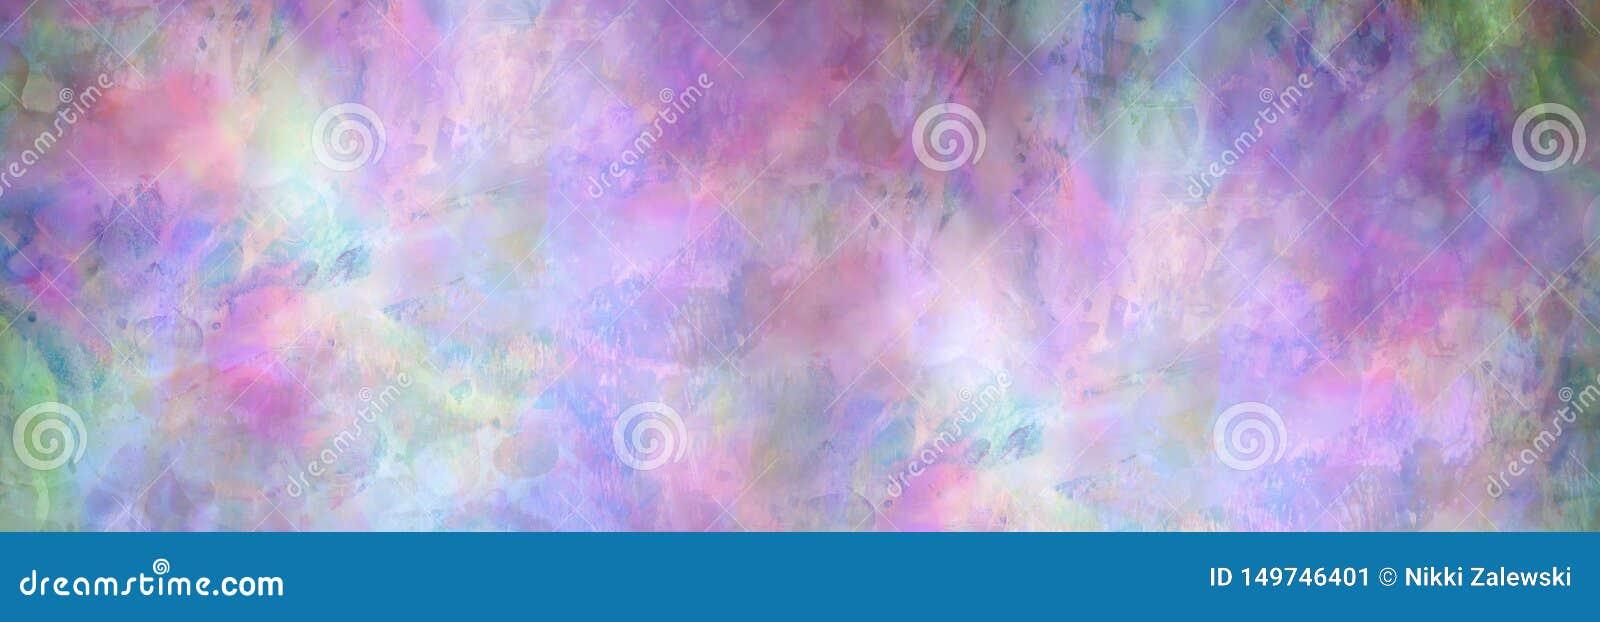 Groene Purpere roze en Blauwe Abstracte Achtergrond